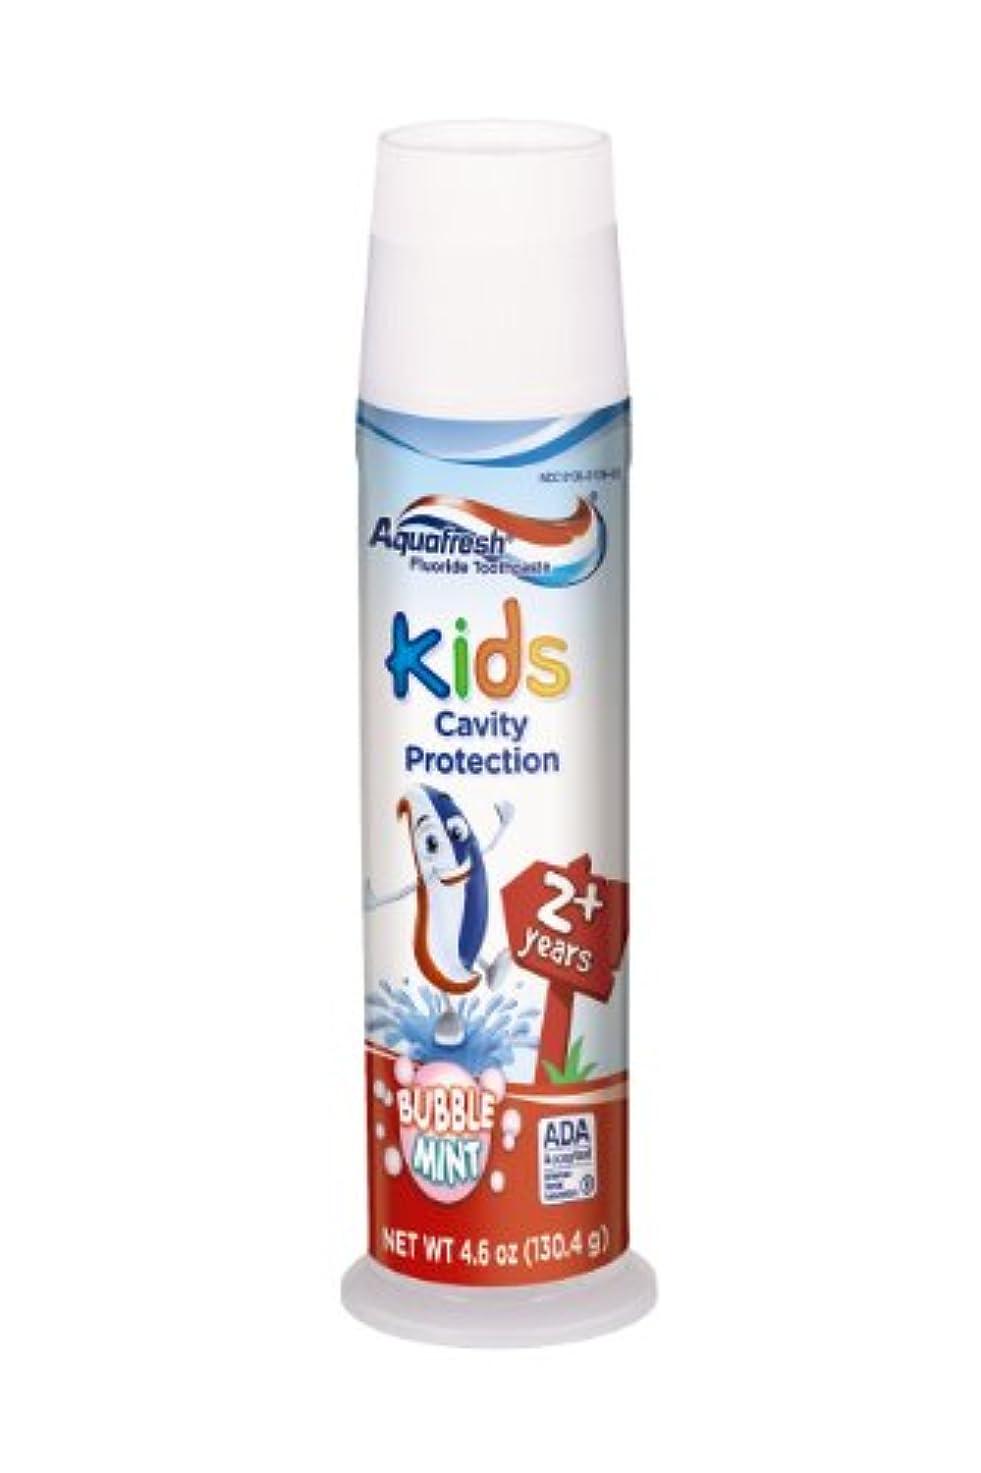 Aqua Fresh アクアフレッシュ子供の歯磨き粉、バブルミント、4.6オンス